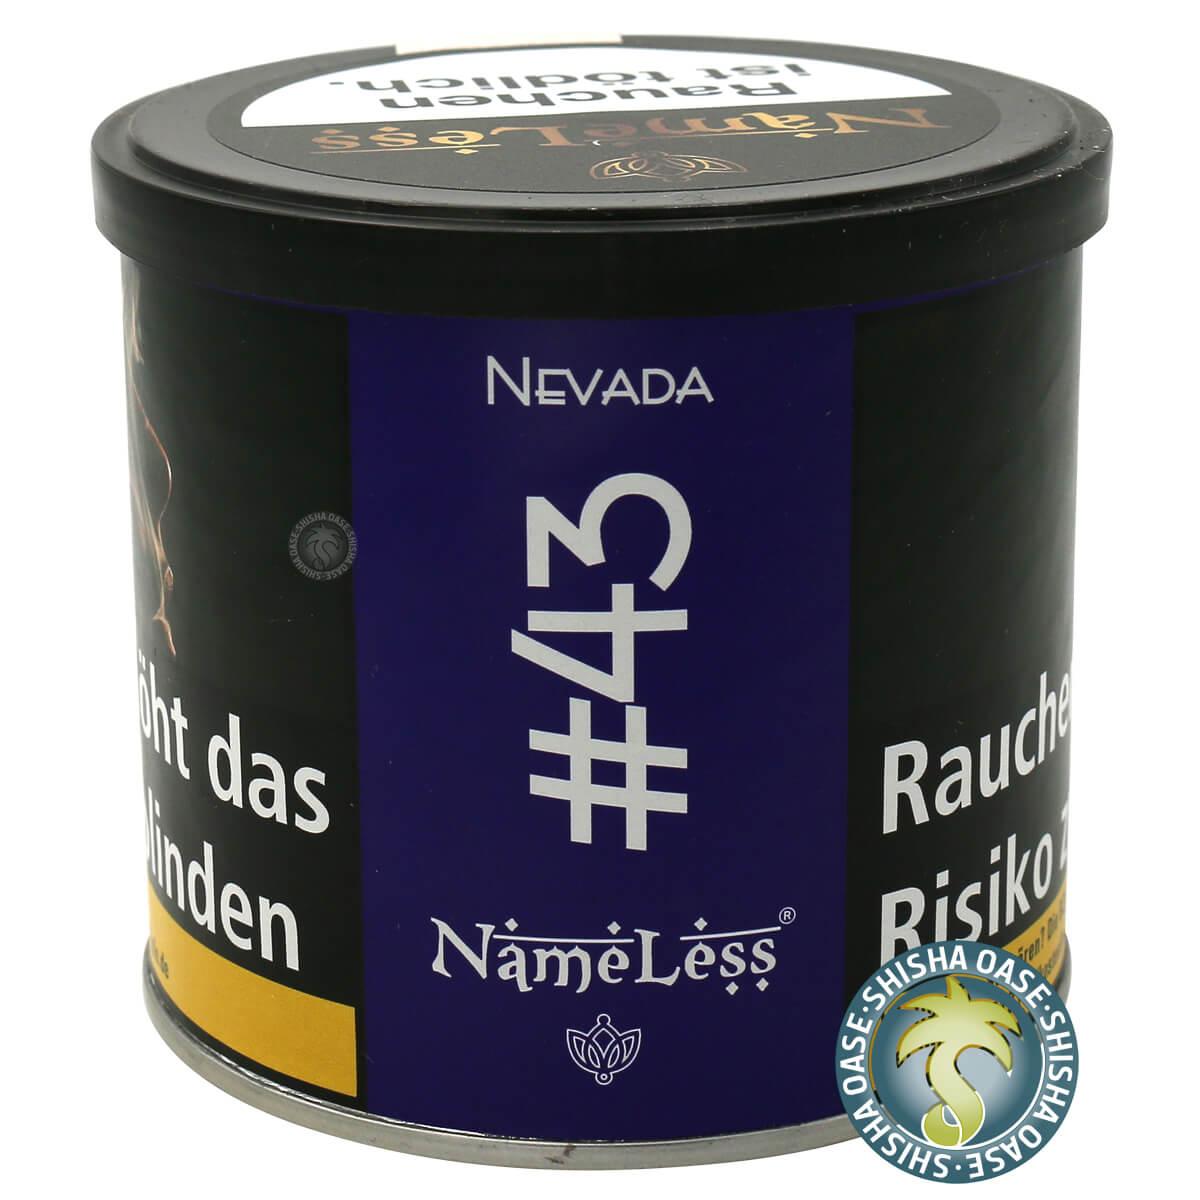 Nameless Tabak #43 Nevada 200g